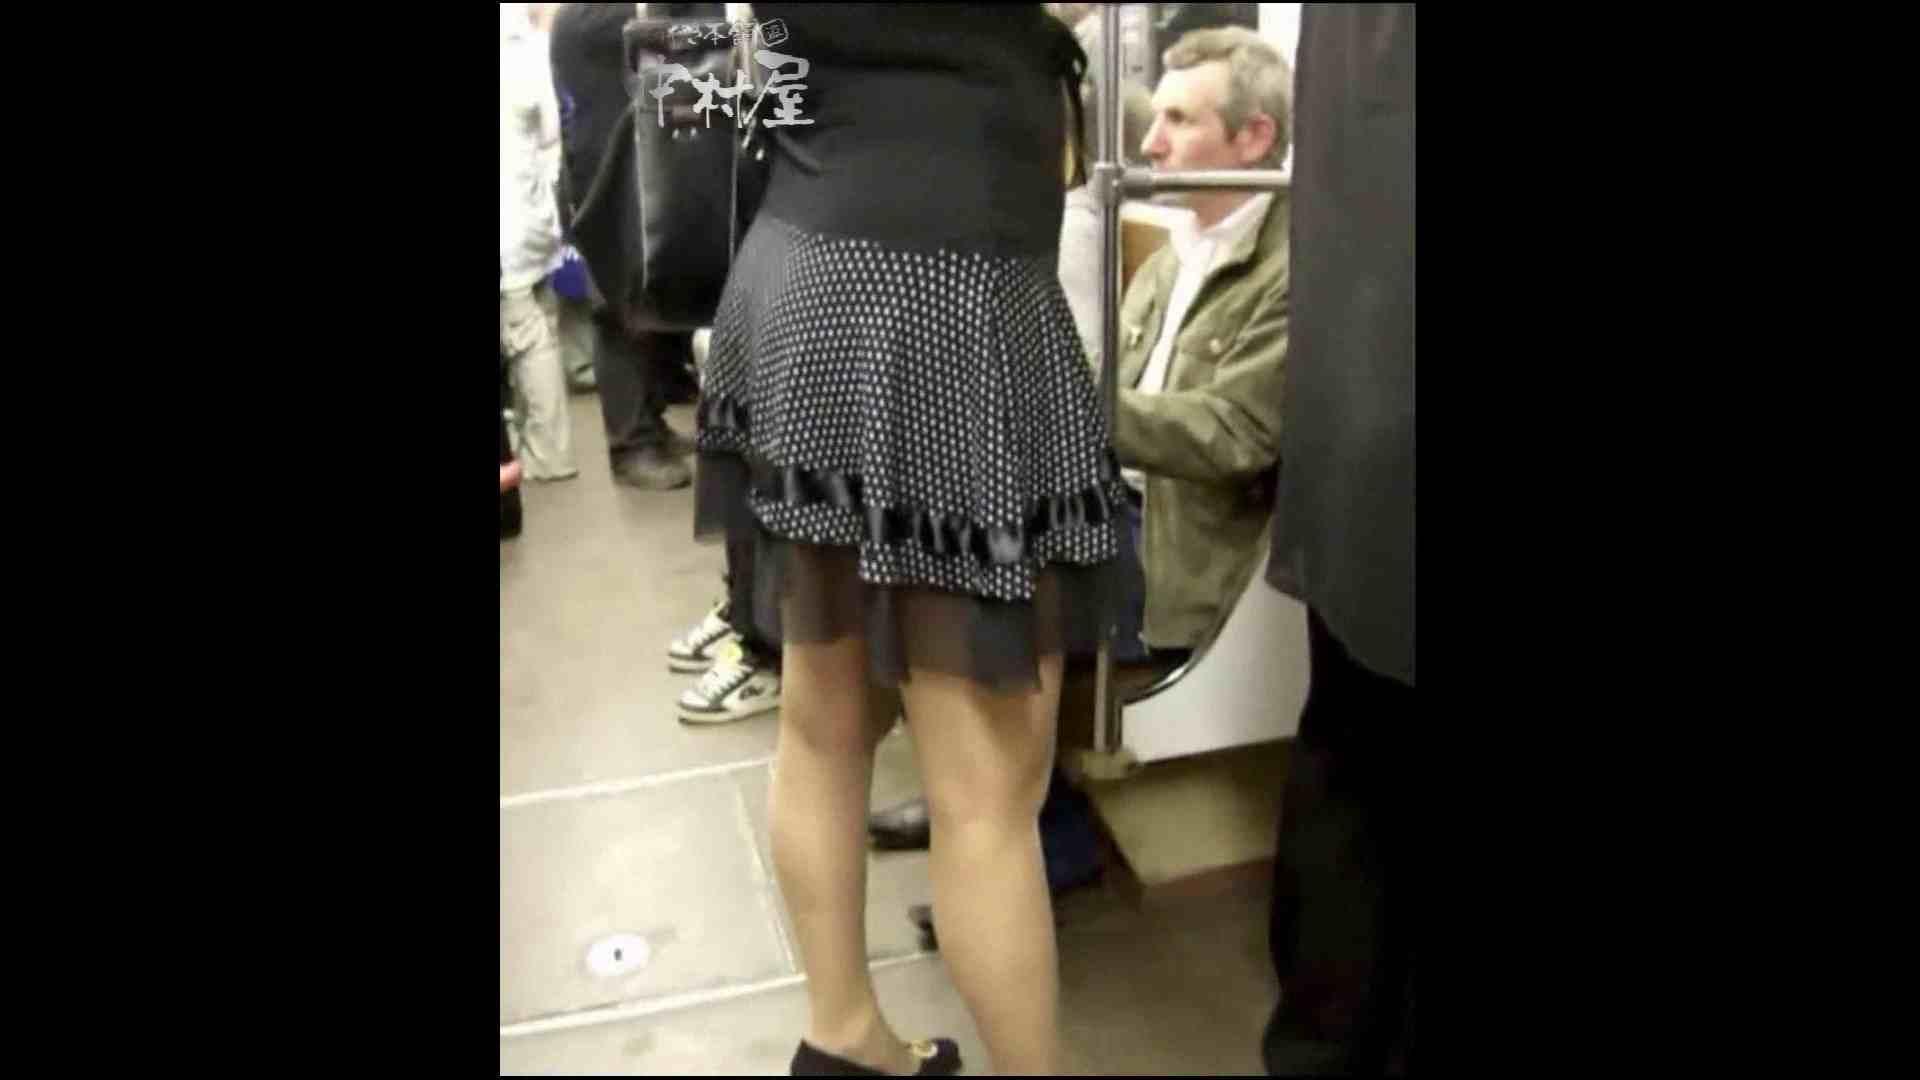 綺麗なモデルさんのスカート捲っちゃおう‼ vol23 お姉さんヌード   OLセックス  66画像 45